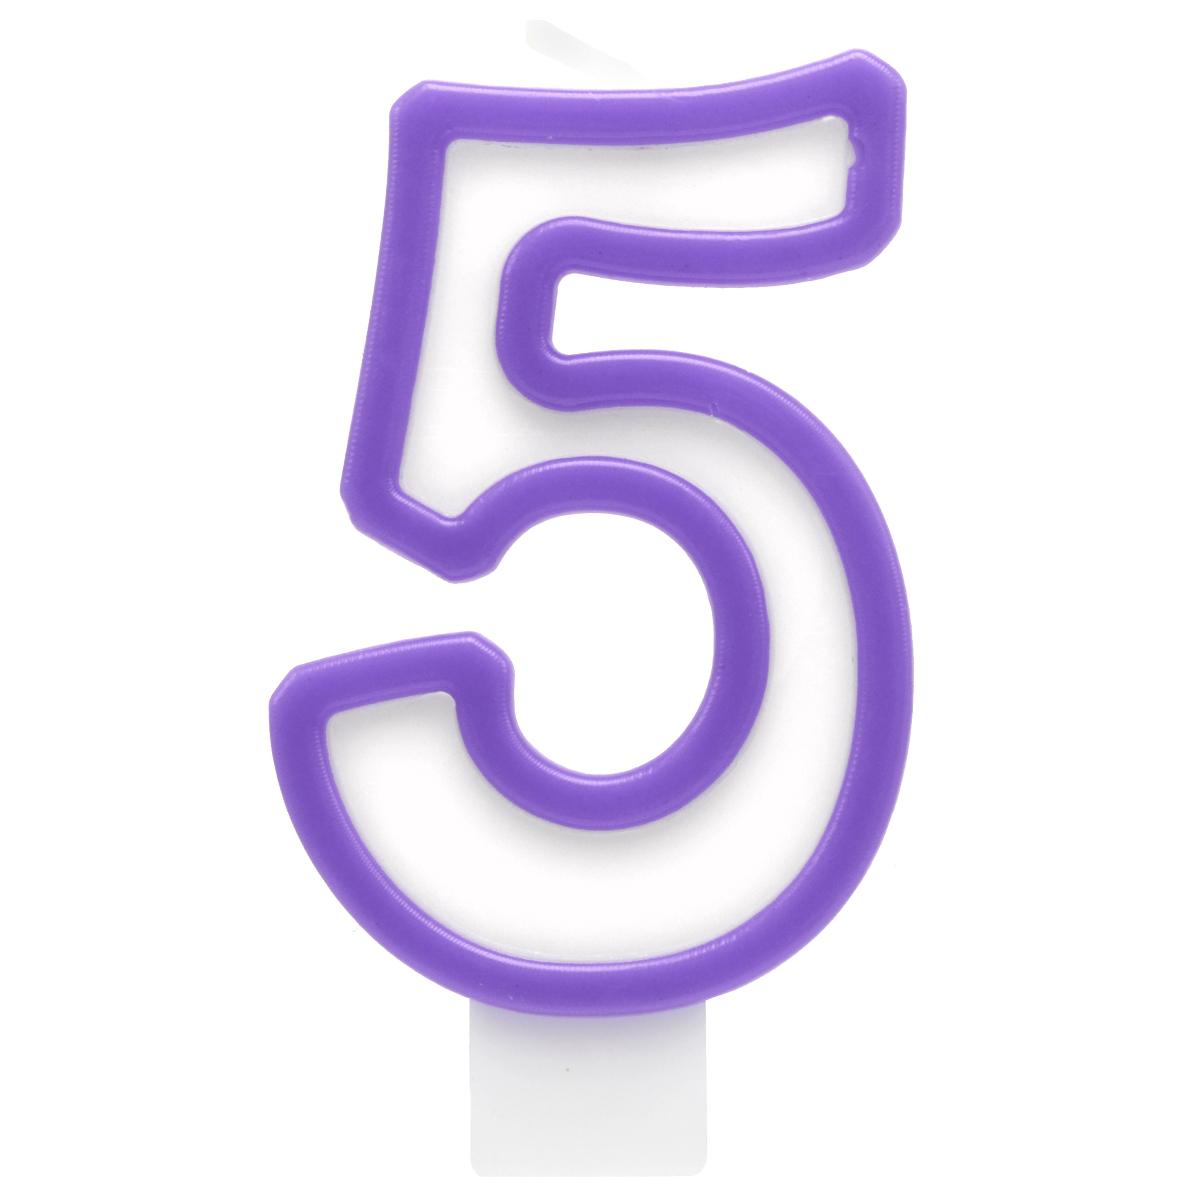 Action! Свеча-цифра для торта 5 лет цвет сиреневый action свеча цифра для торта 7 лет цвет розовый